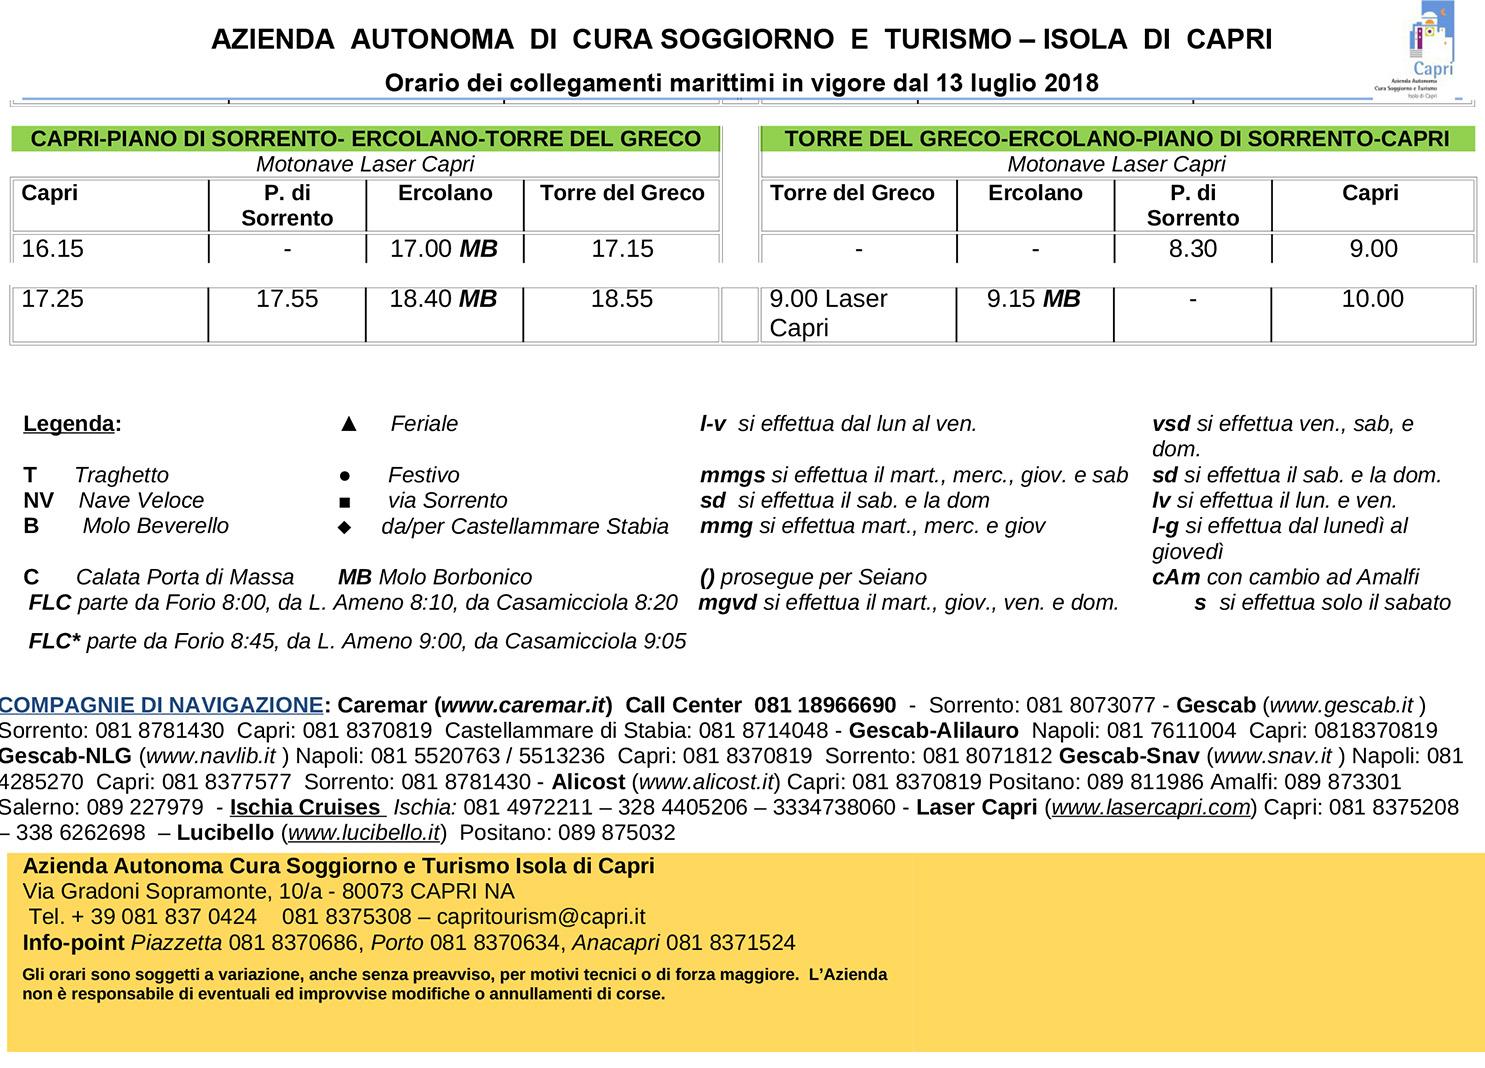 Capri - Ercolano - Torre del Greco estivo 2018 A/R